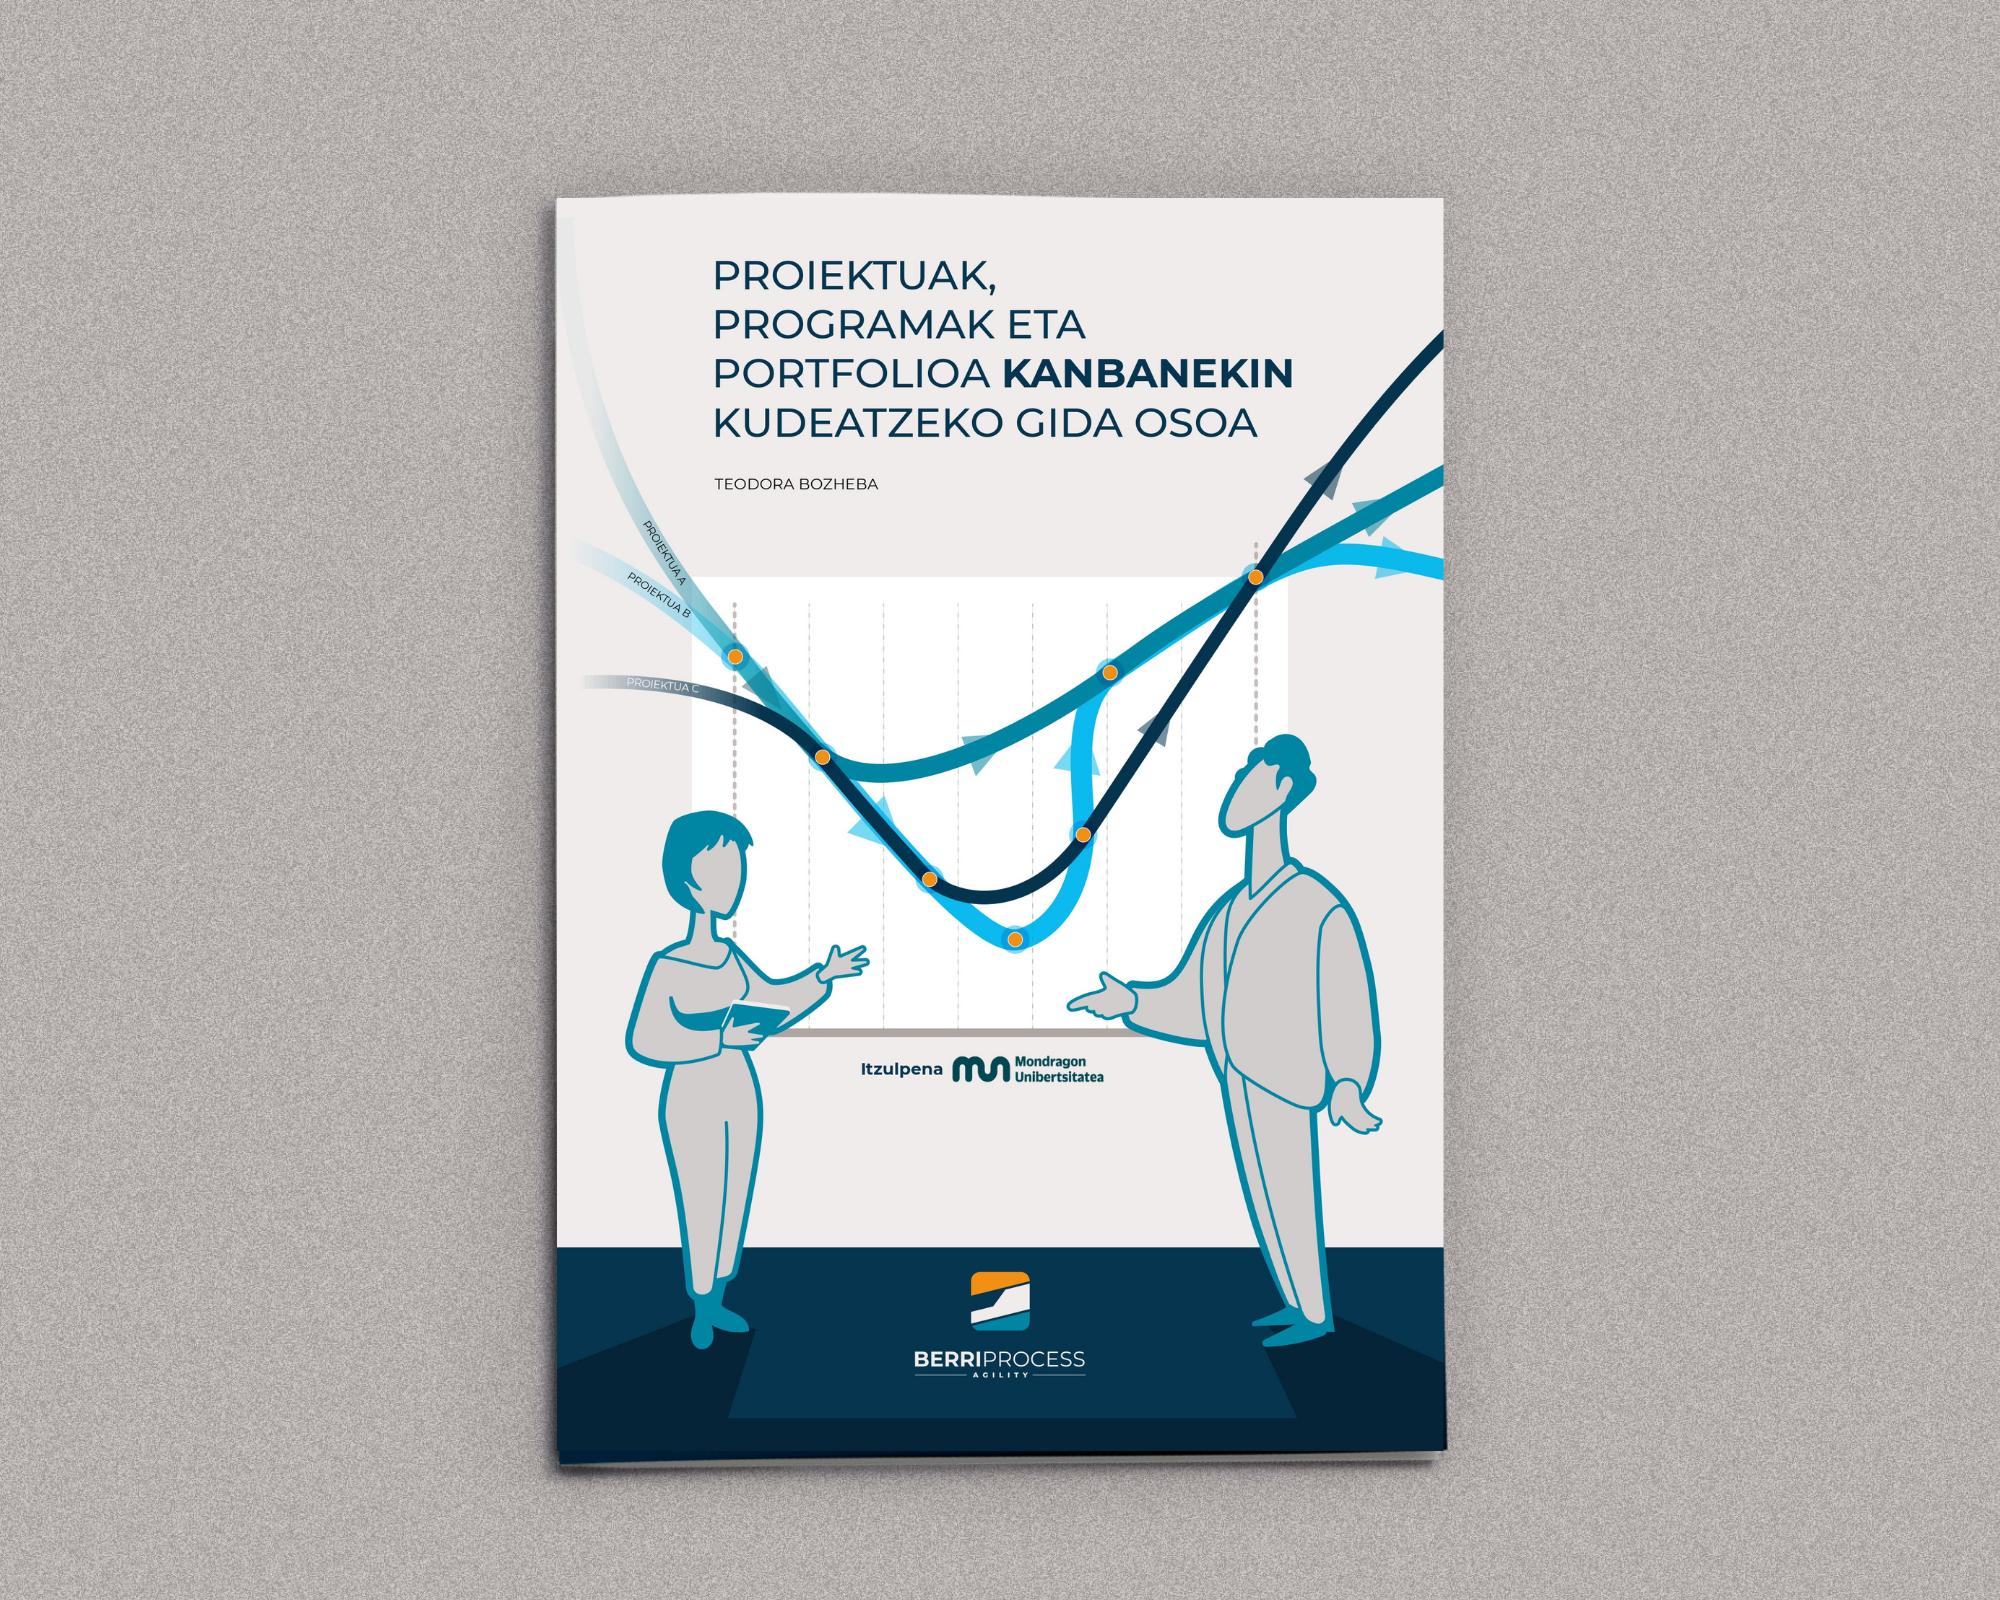 Imagen portada Guía Eusk - web materiales